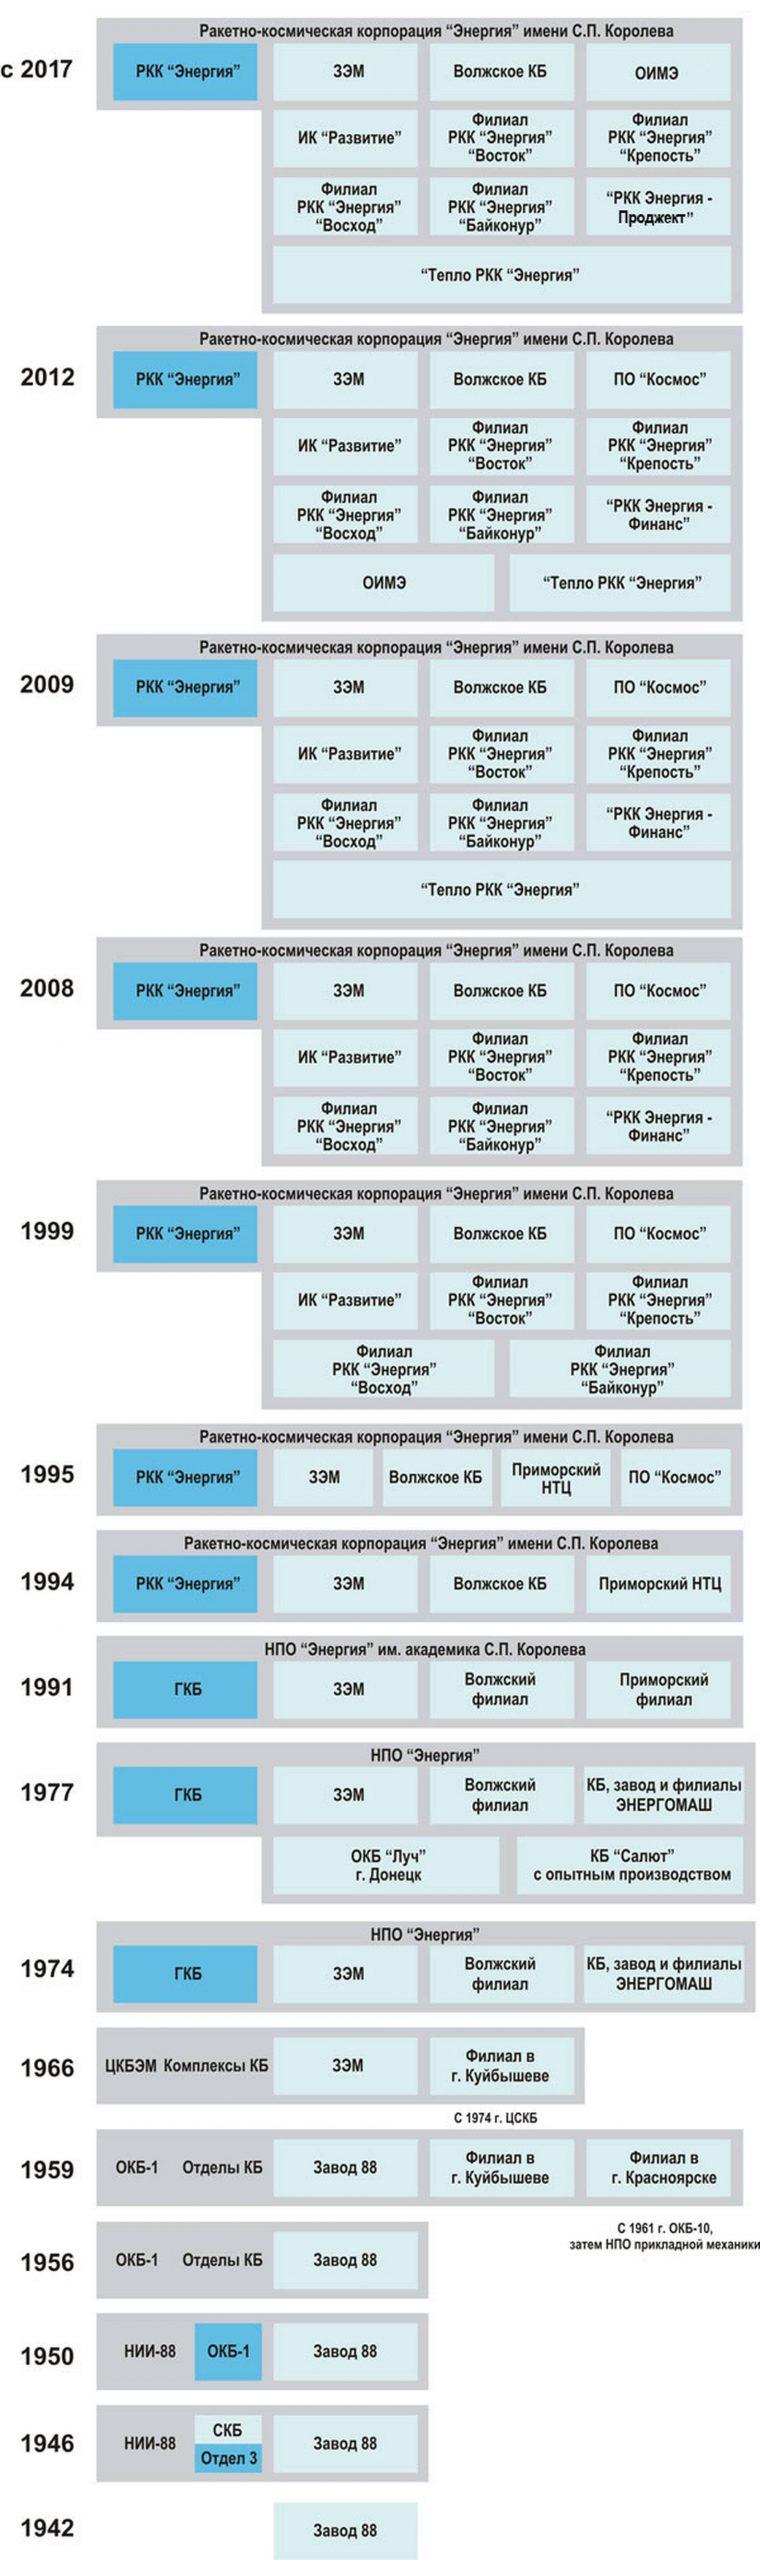 La chronologie historique de la composition et de la dénomination de l'entreprise RKK Energuya depuis l'usine 88 en 1942.